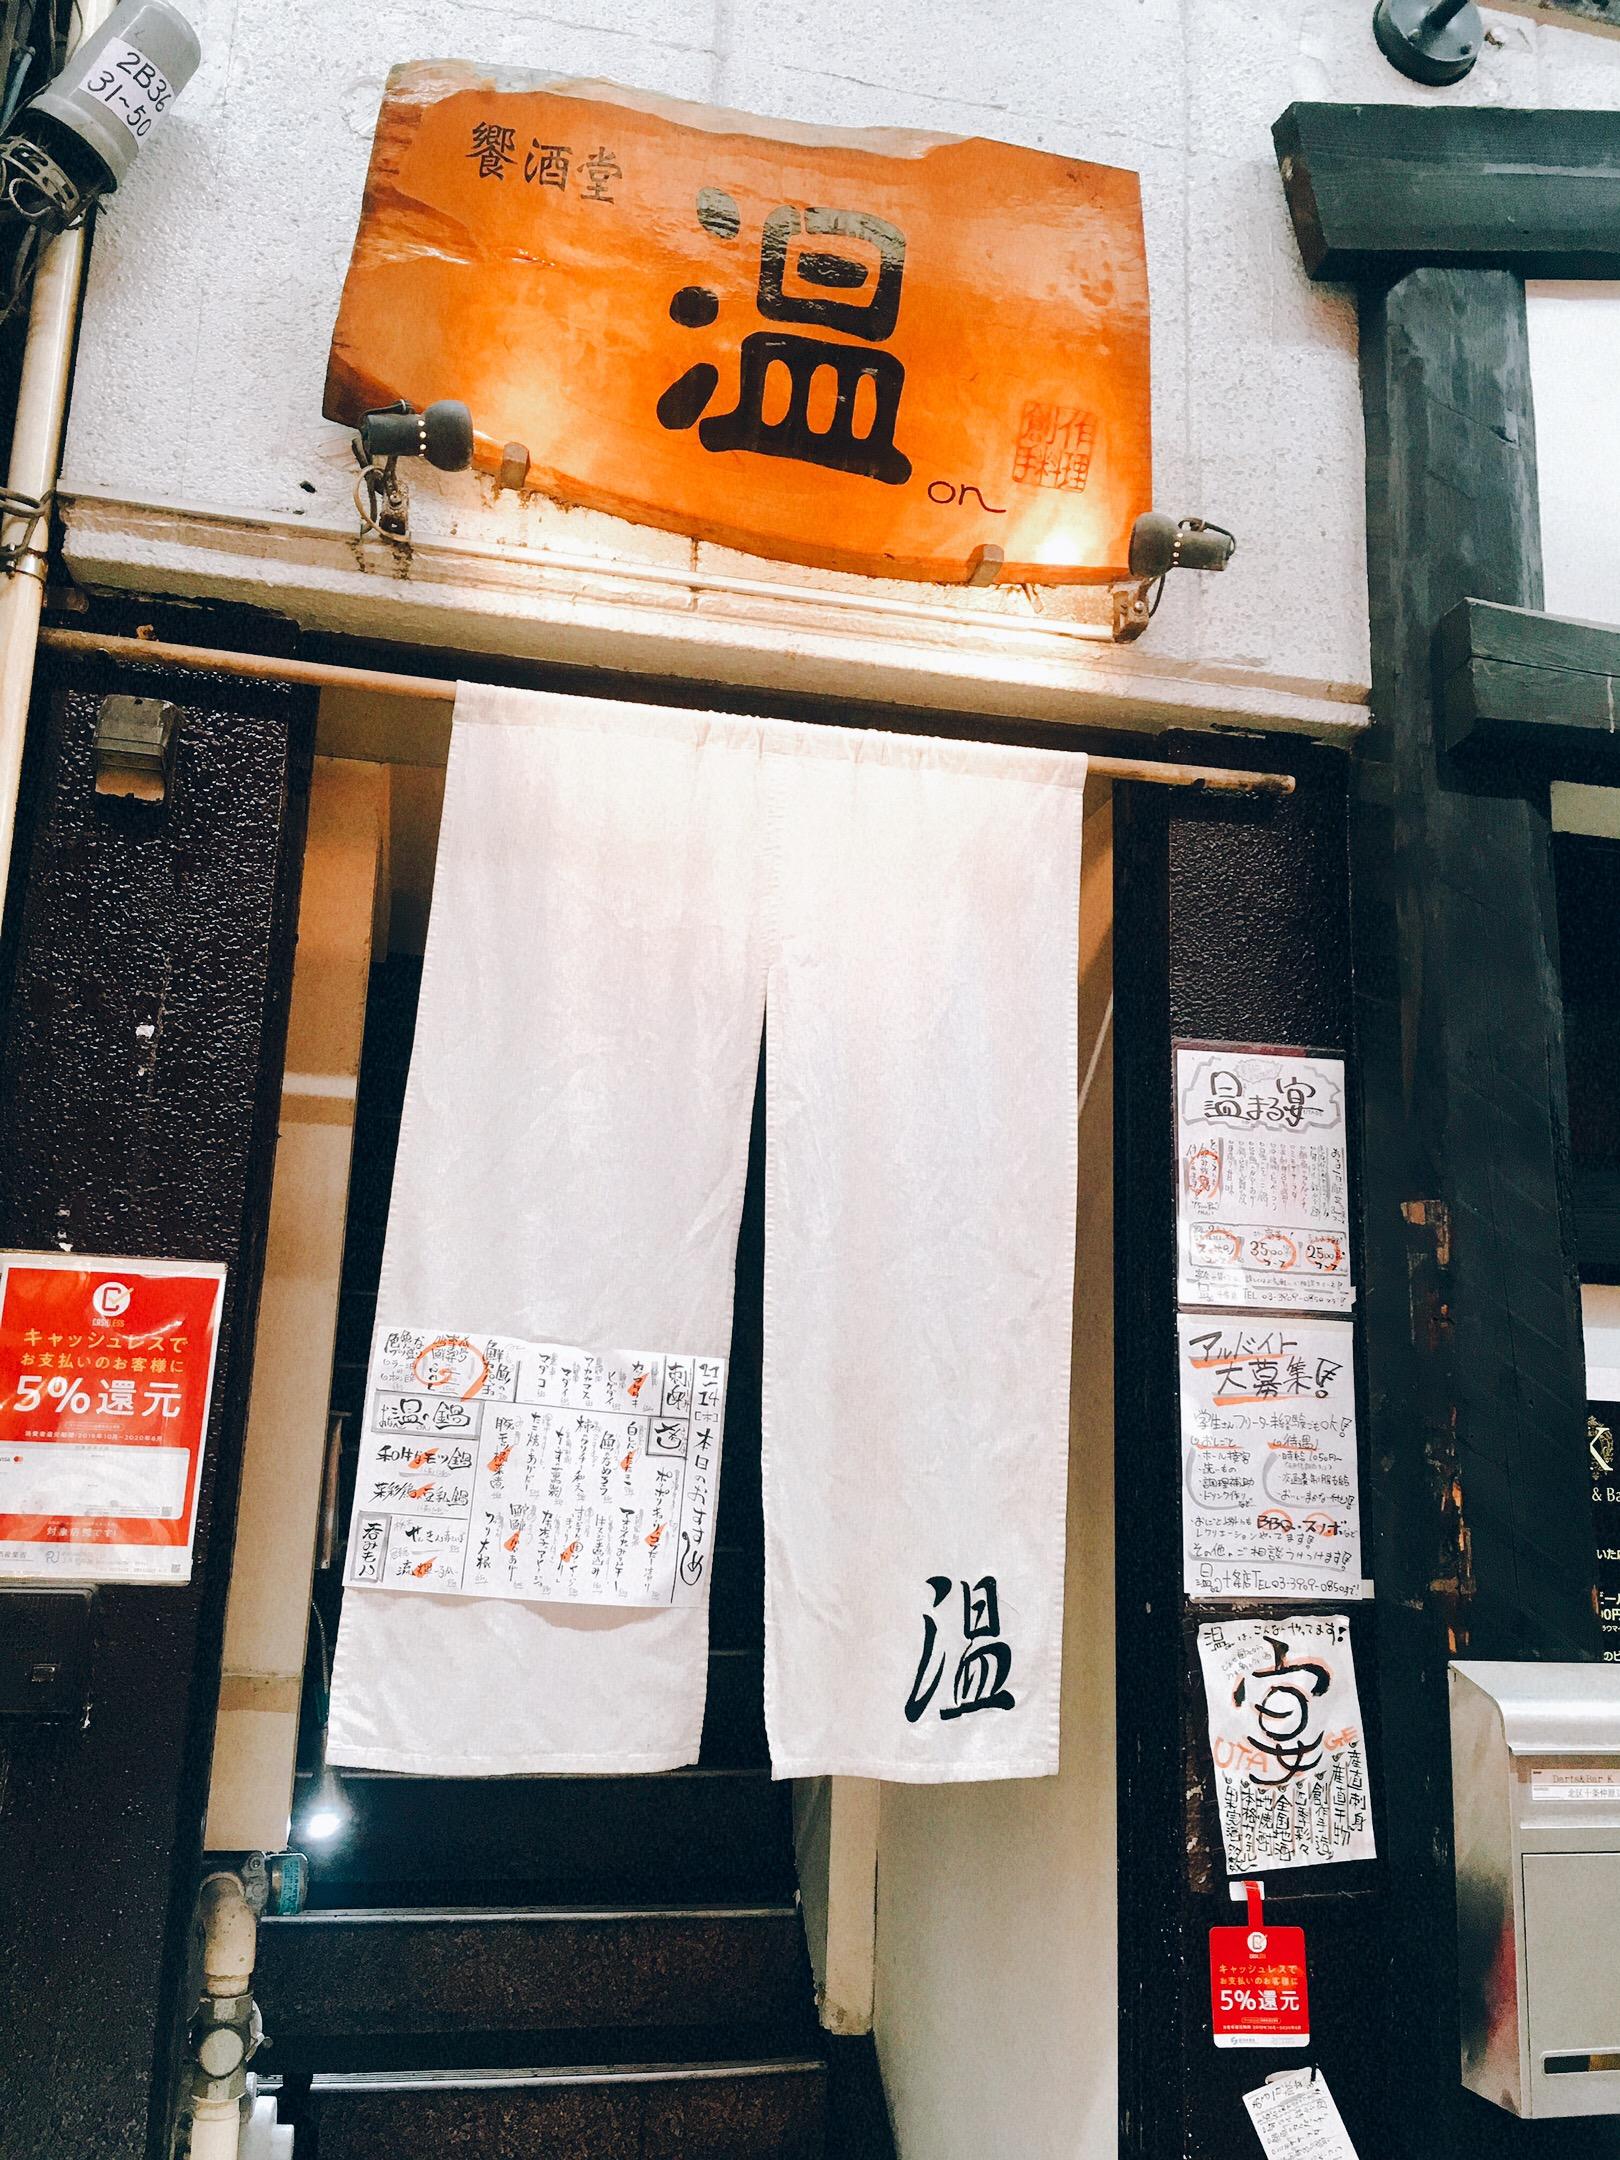 饗酒堂 温-on-